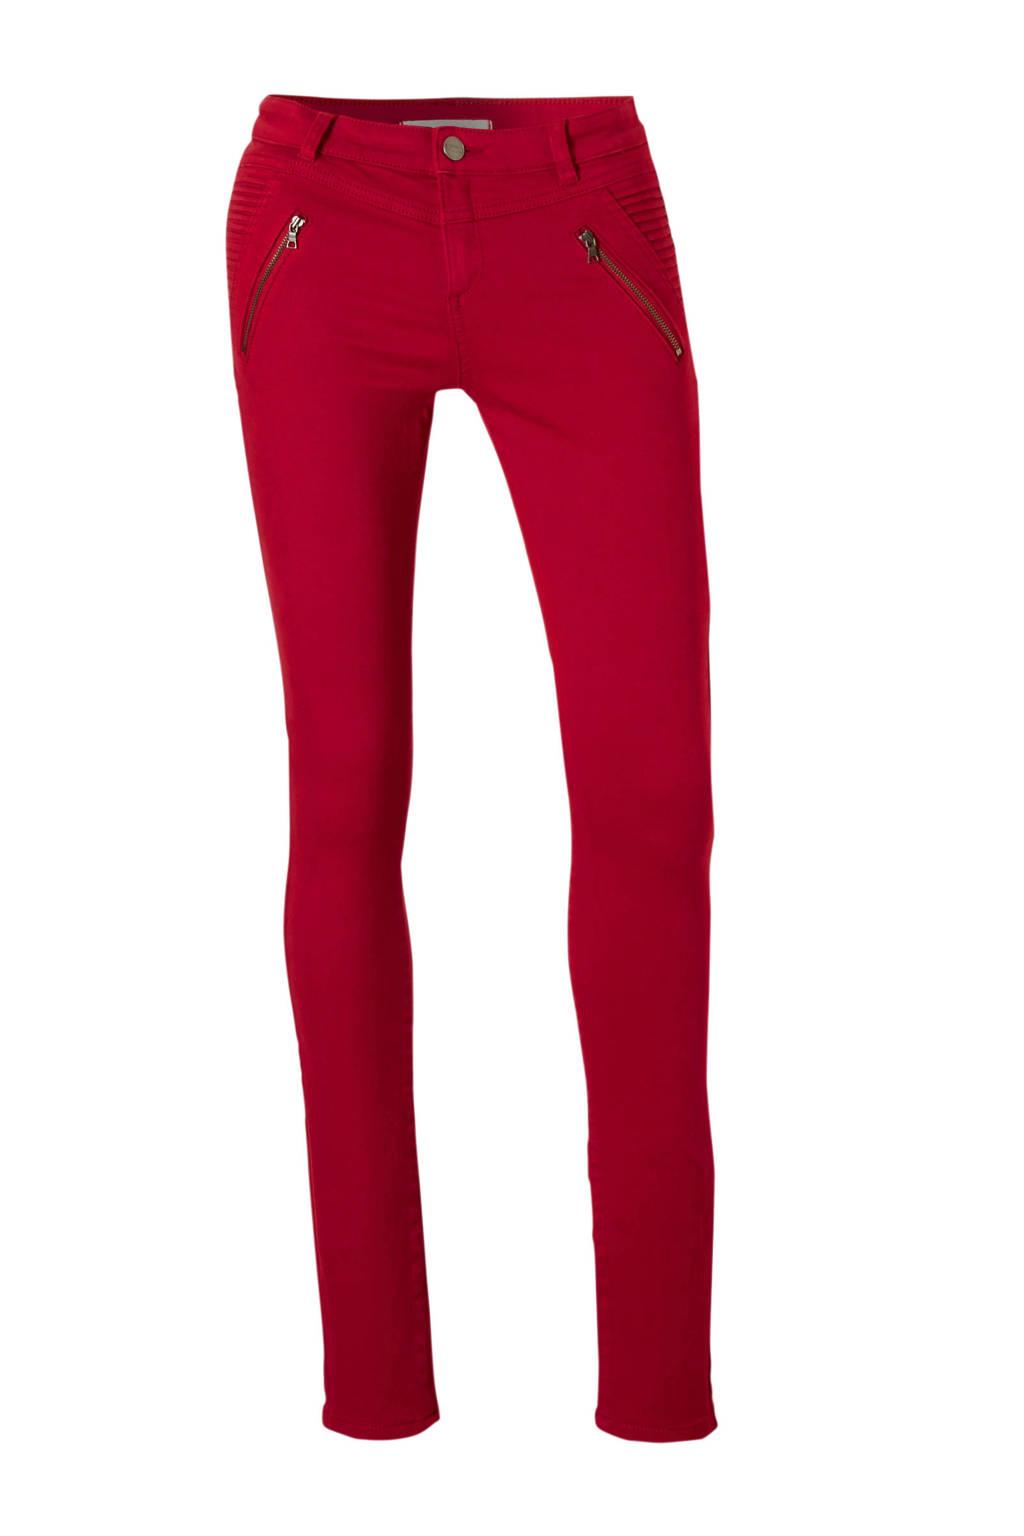 ESPRIT Women Casual broek met ritszakken, Rood